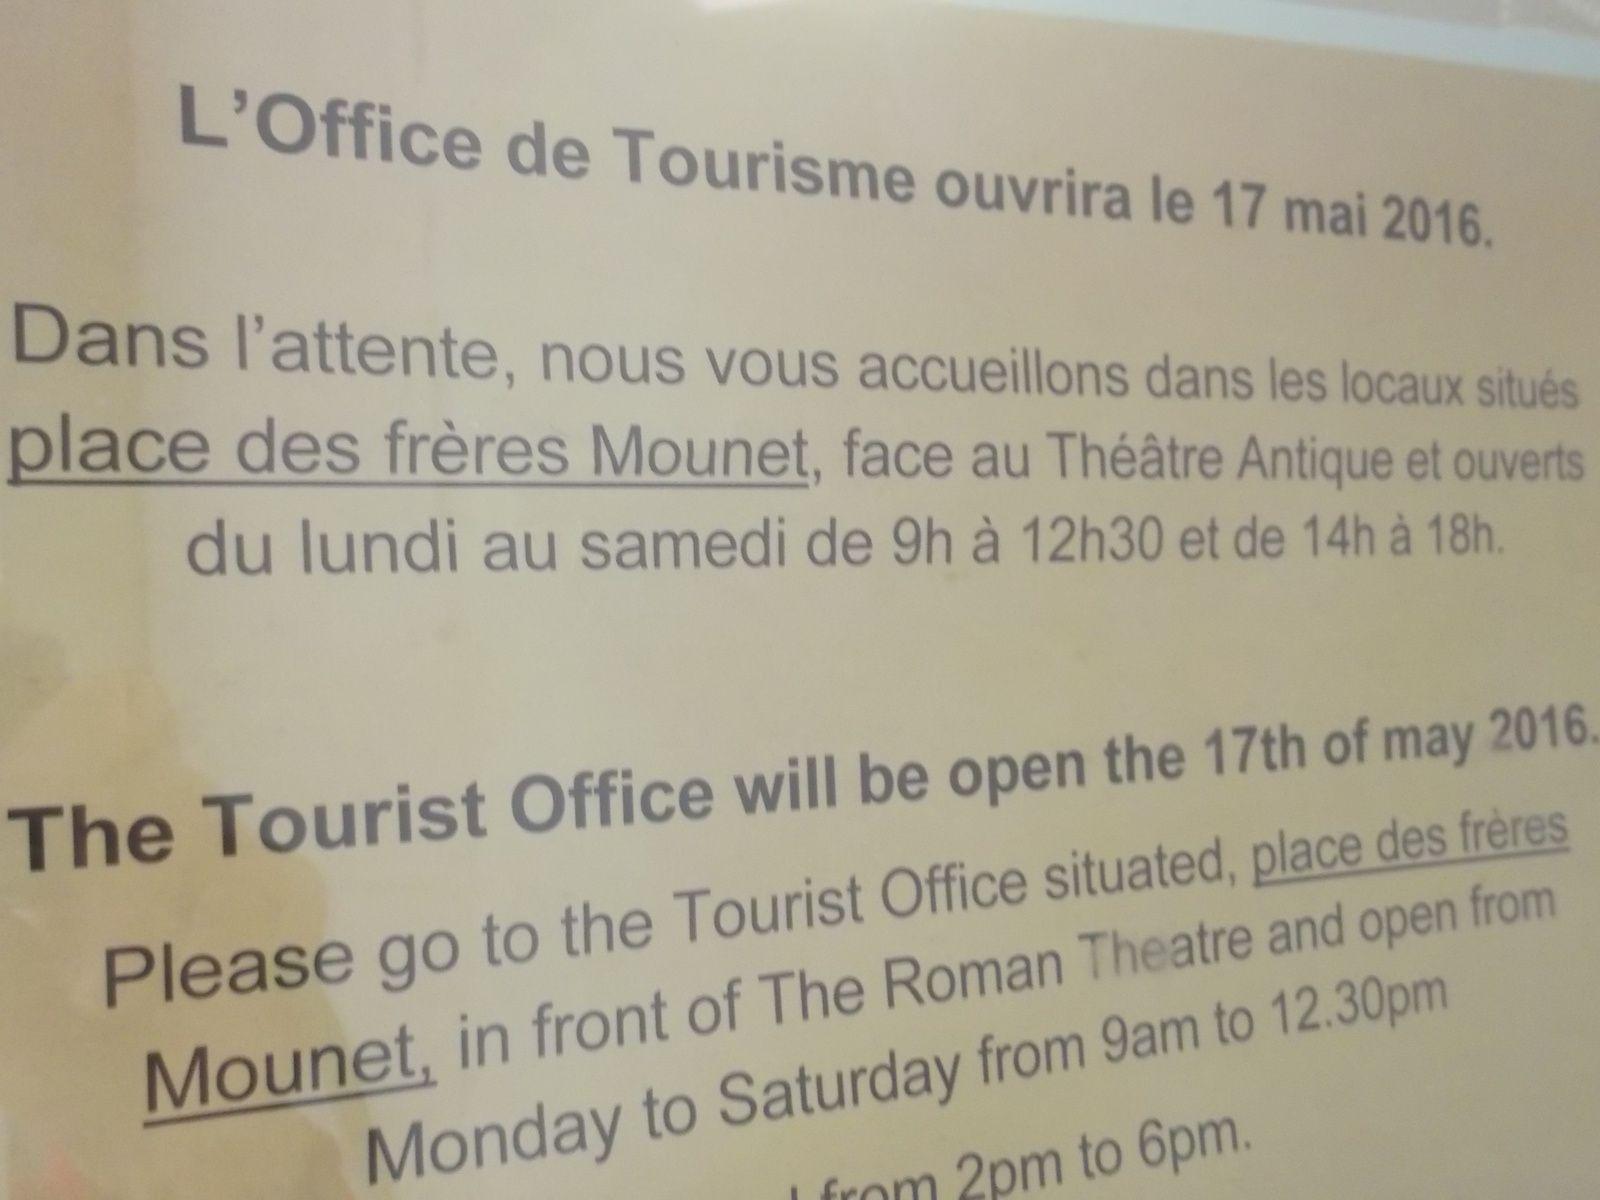 17 mai, le nouvel Office de Tourisme ouvre!